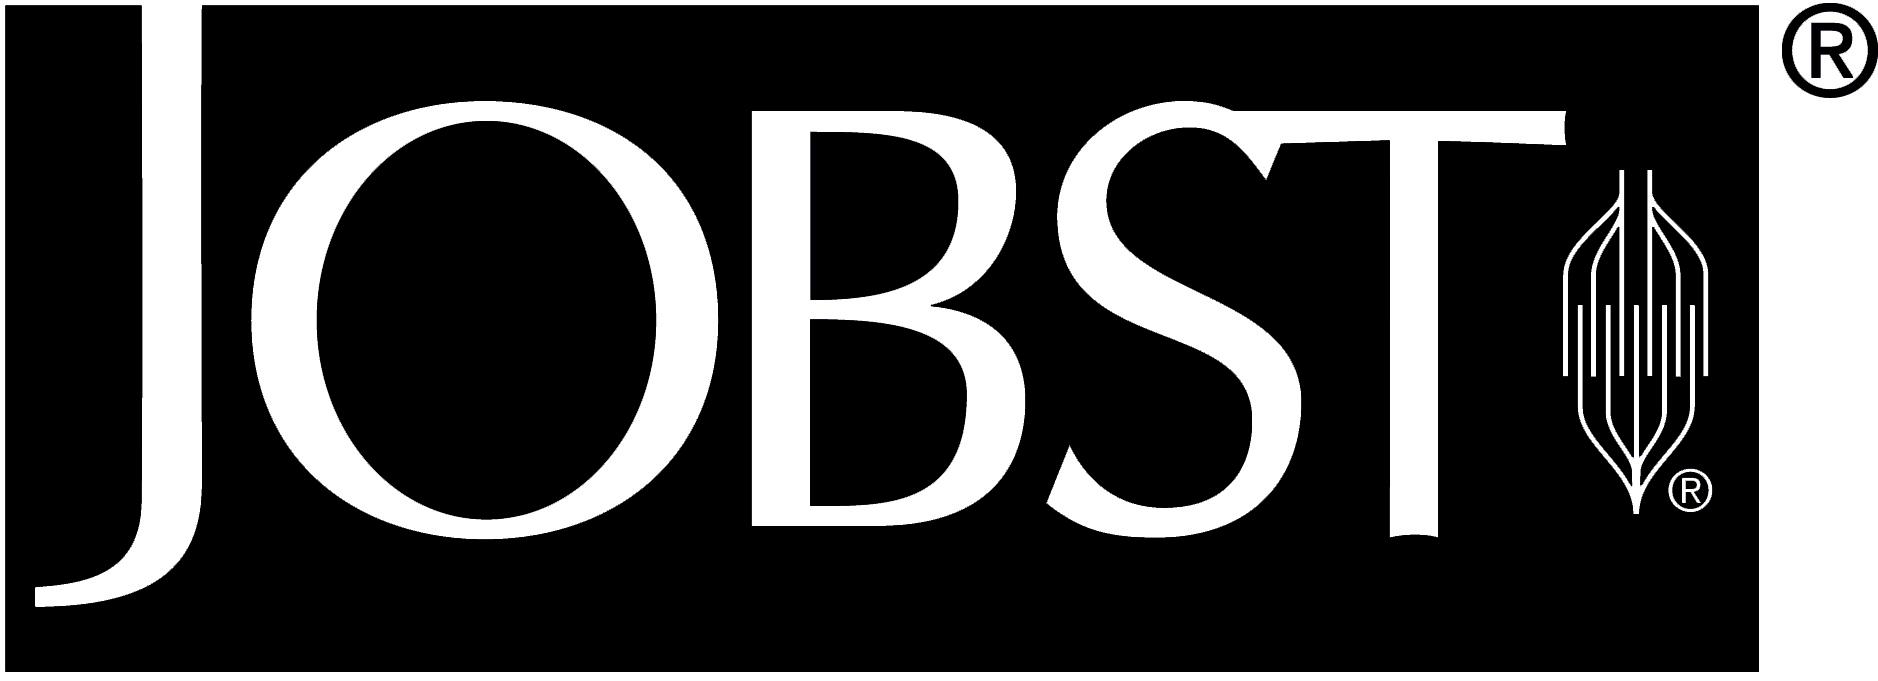 Jobst Logo Black_HR.jpg